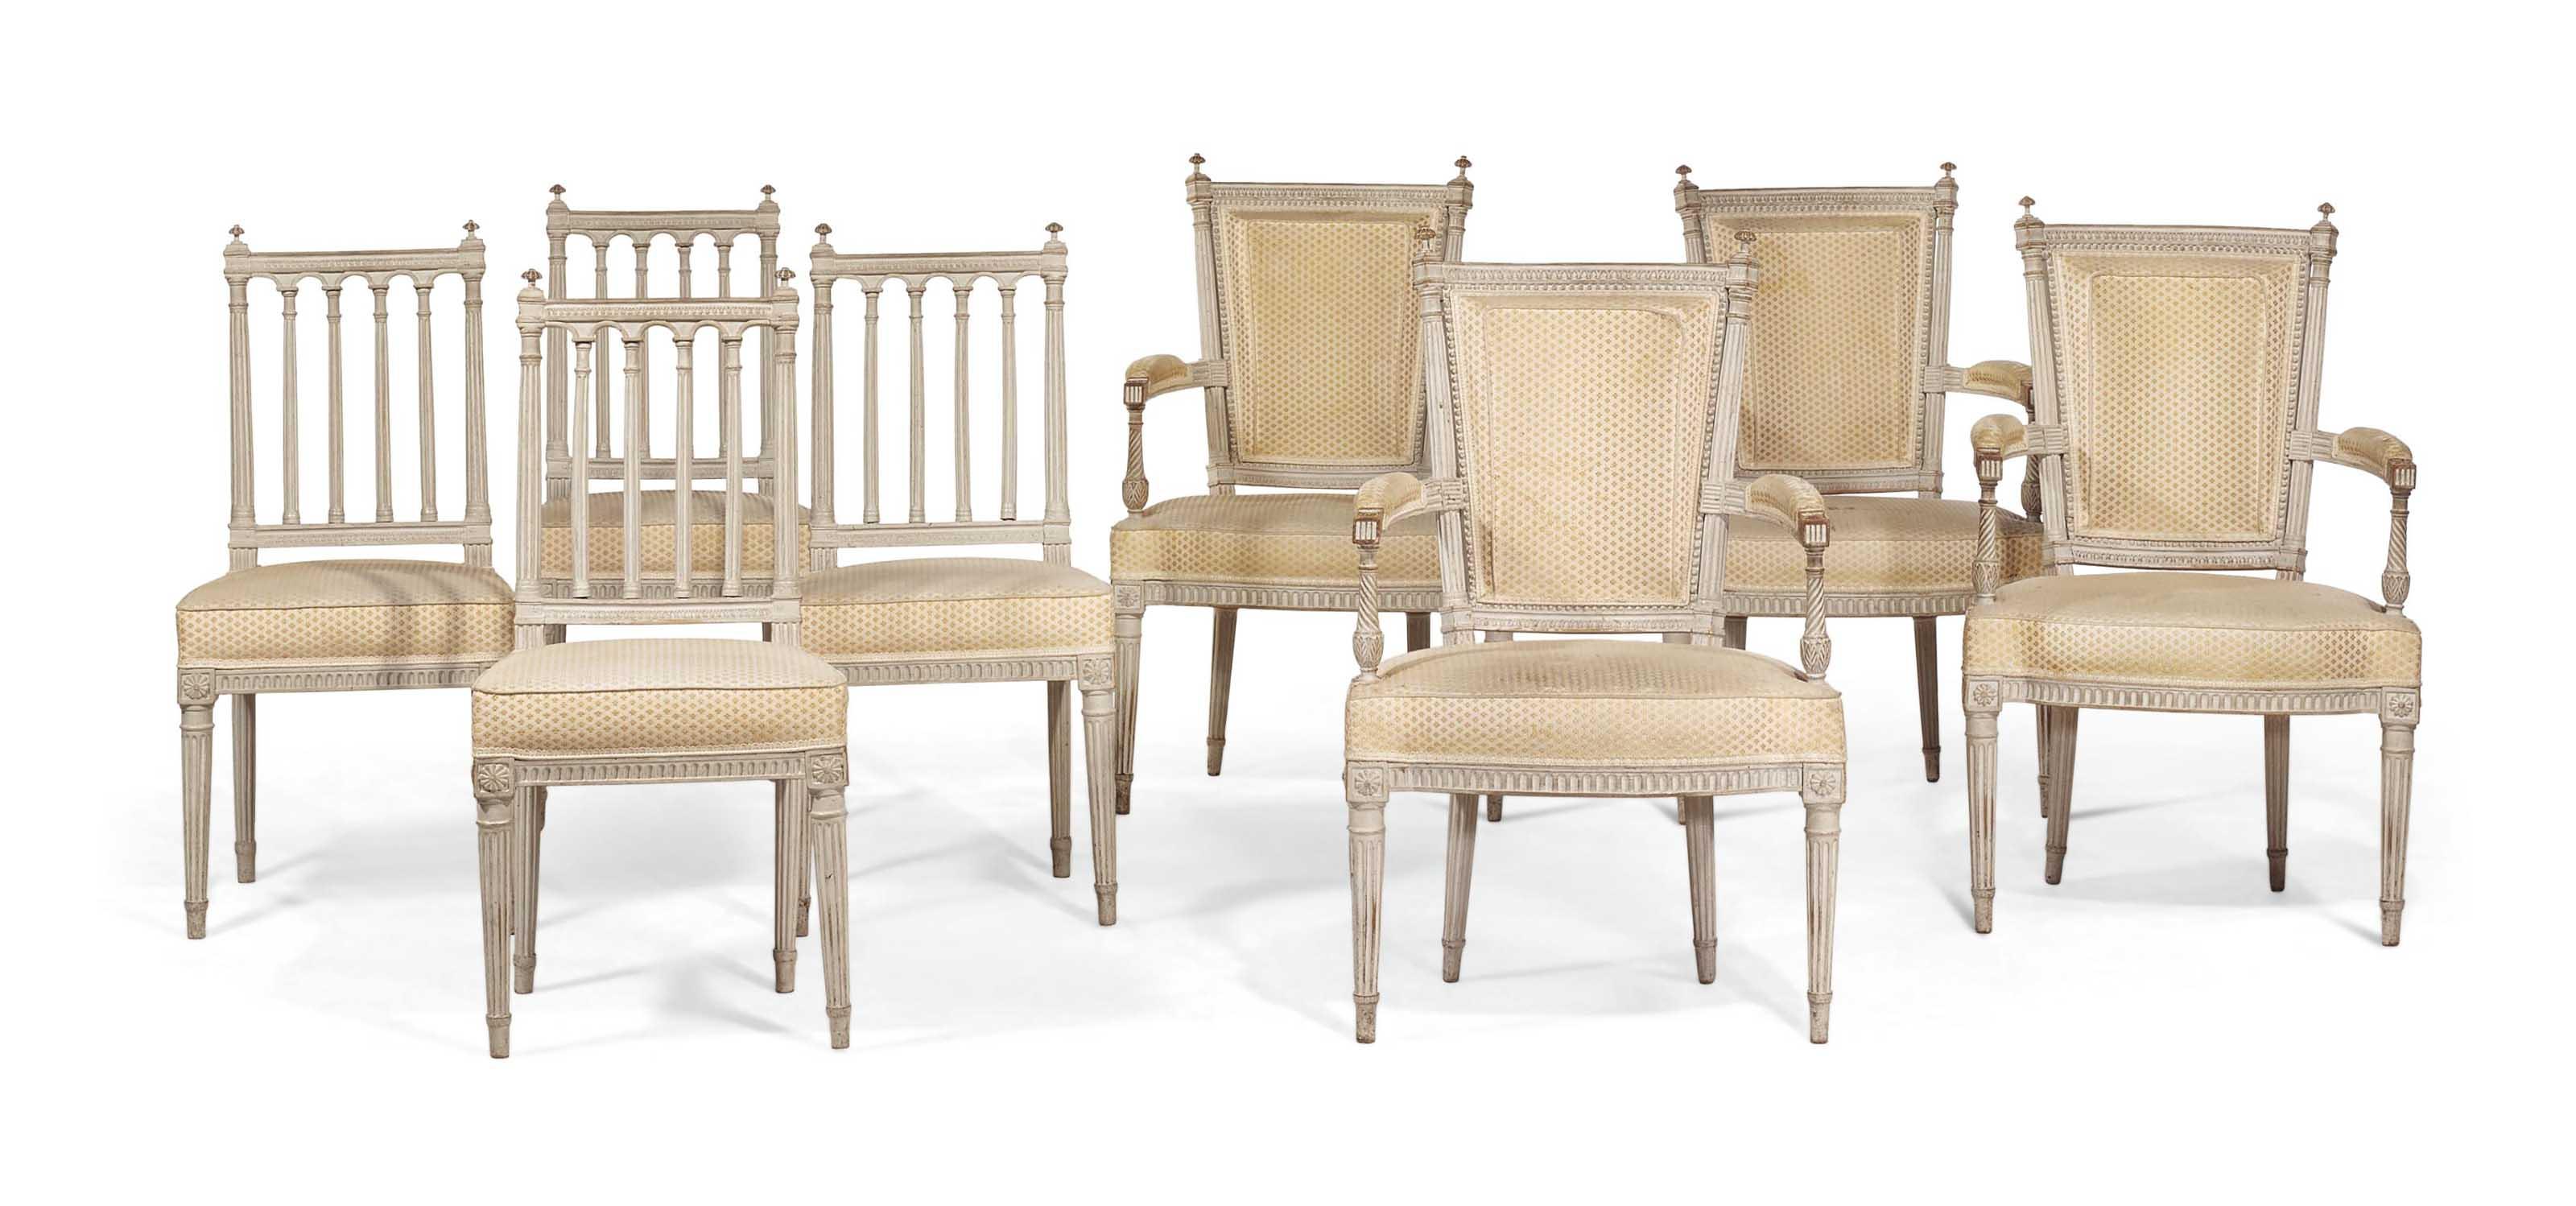 mobilier de salon d 39 epoque louis xvi dernier quart du xviiie siecle christie 39 s. Black Bedroom Furniture Sets. Home Design Ideas